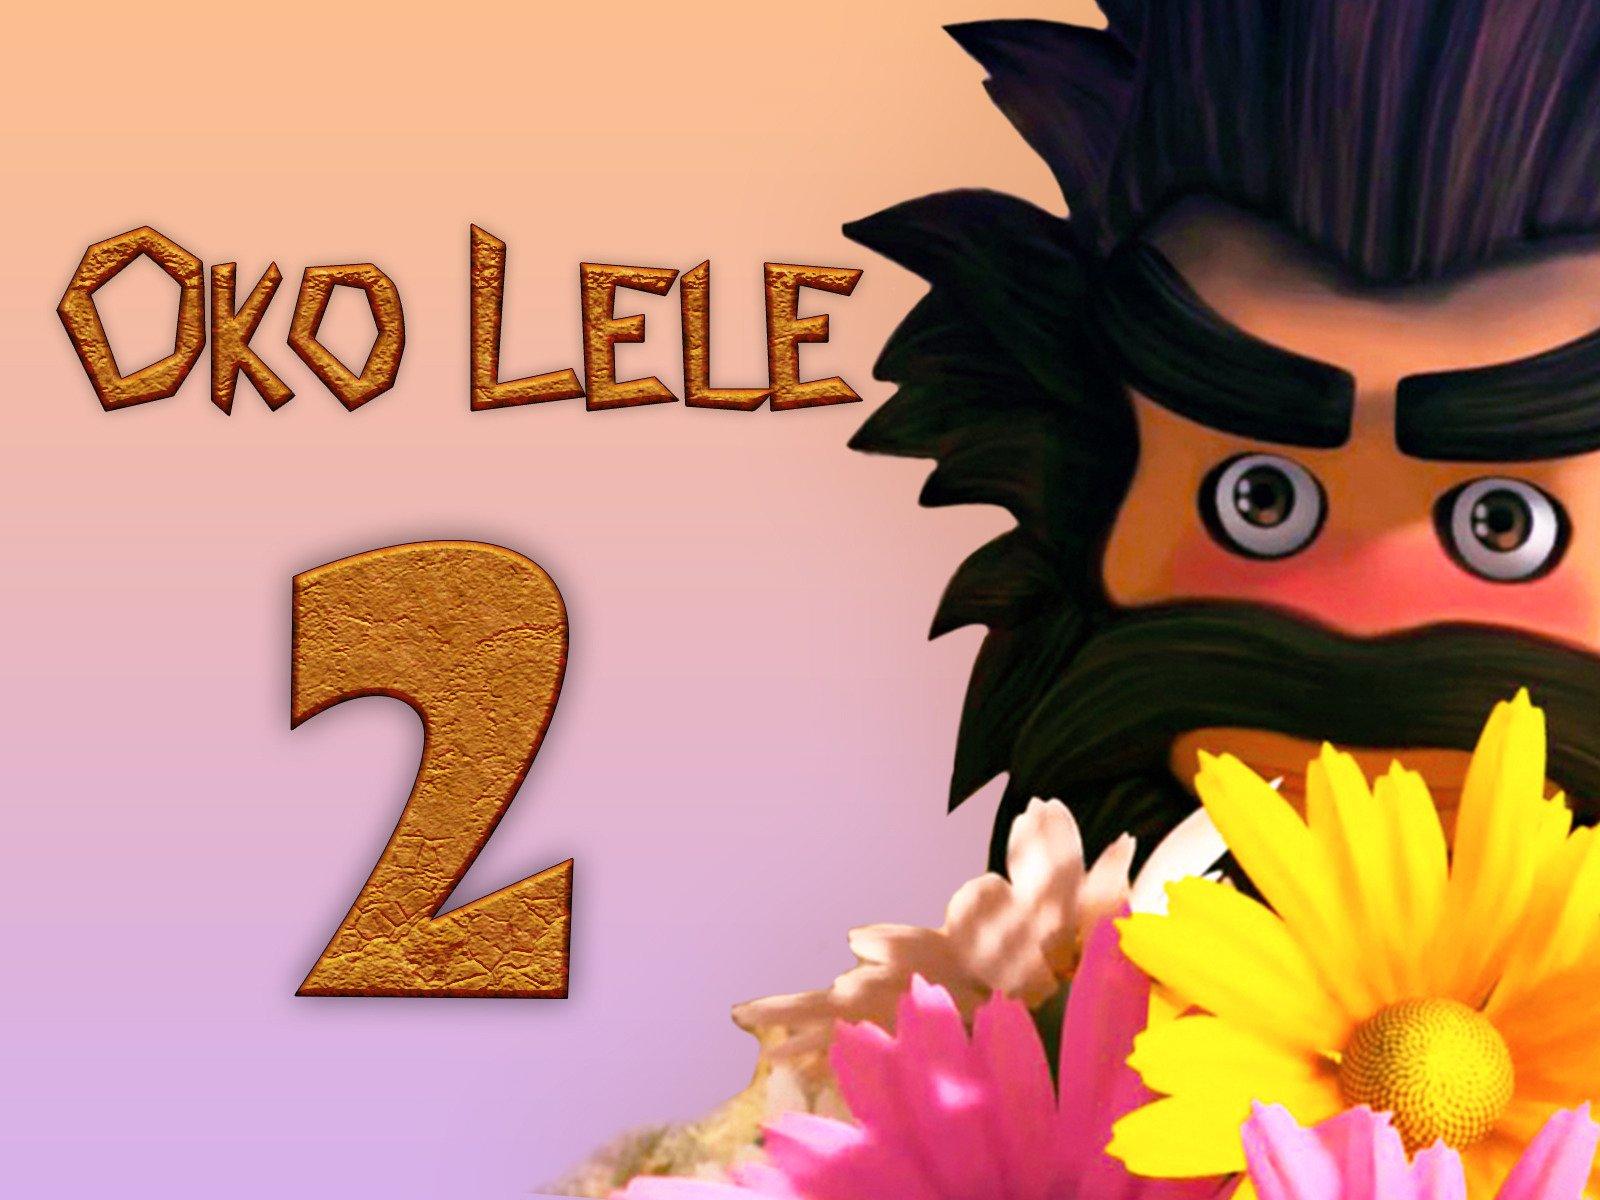 Oko Lele - Season 2